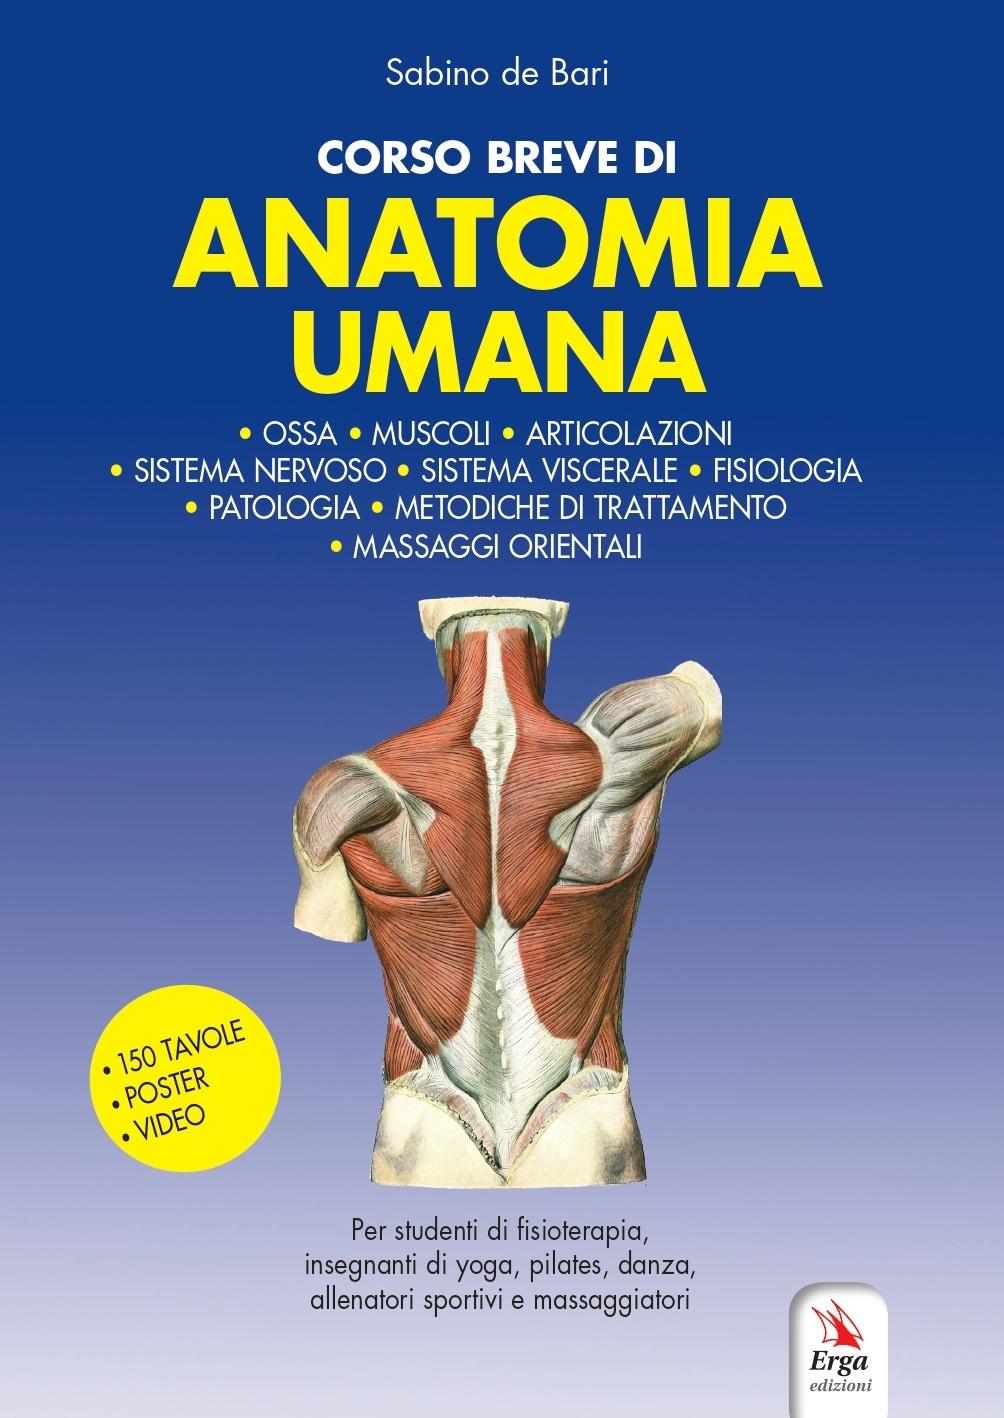 Corso breve anatomia umana